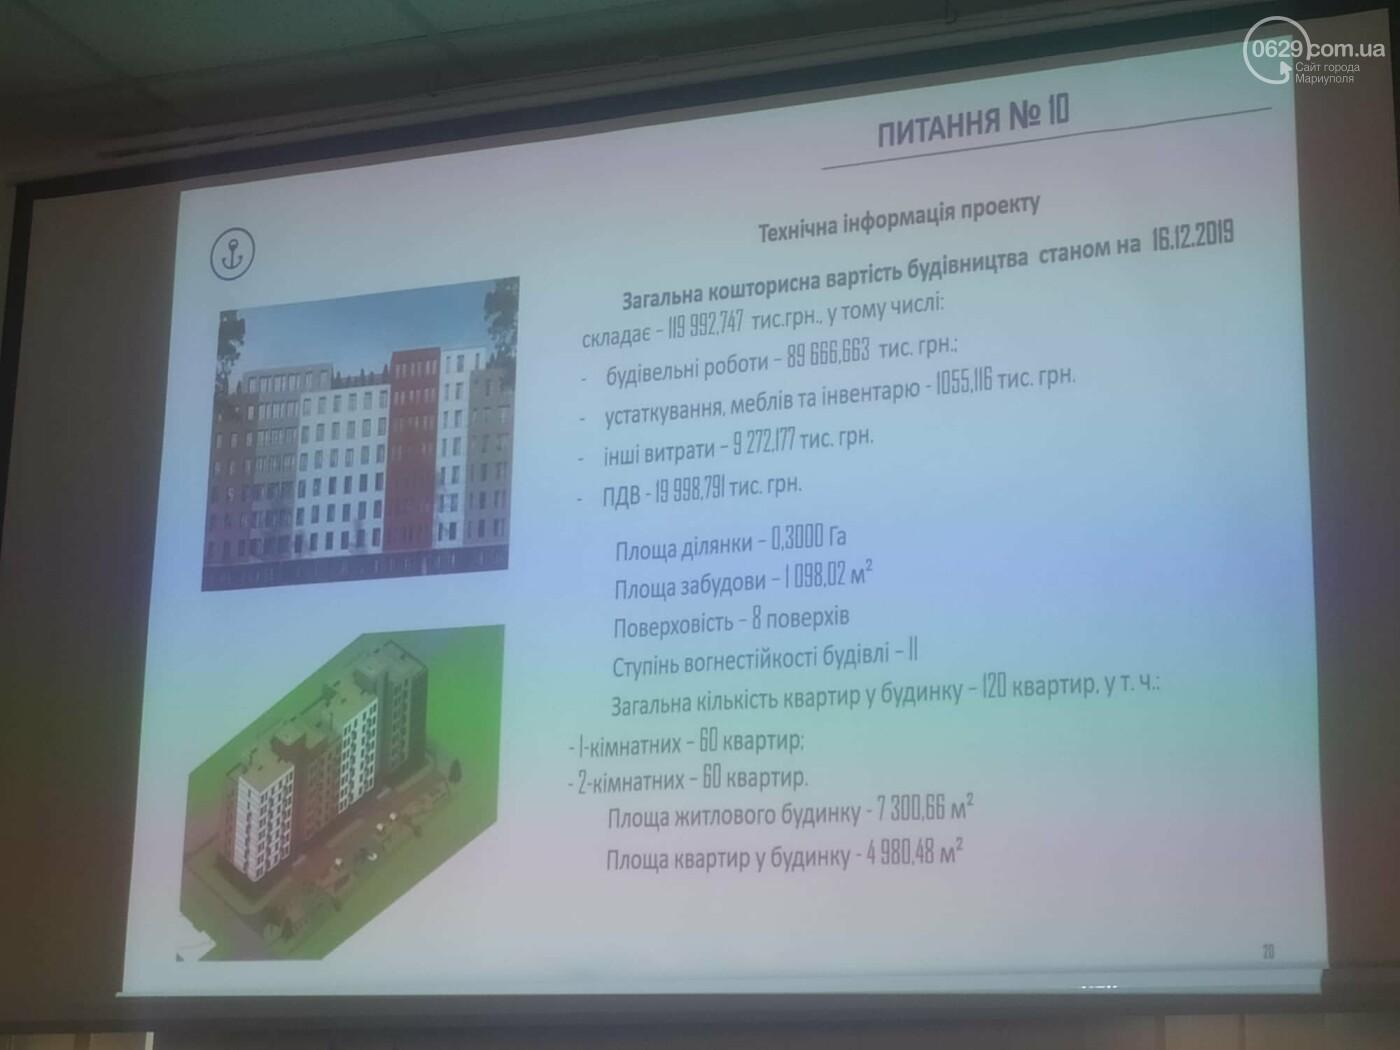 В Мариуполе построят 8-этажный дом для молодежи и работников коммунальной сферы, - ФОТО, фото-1